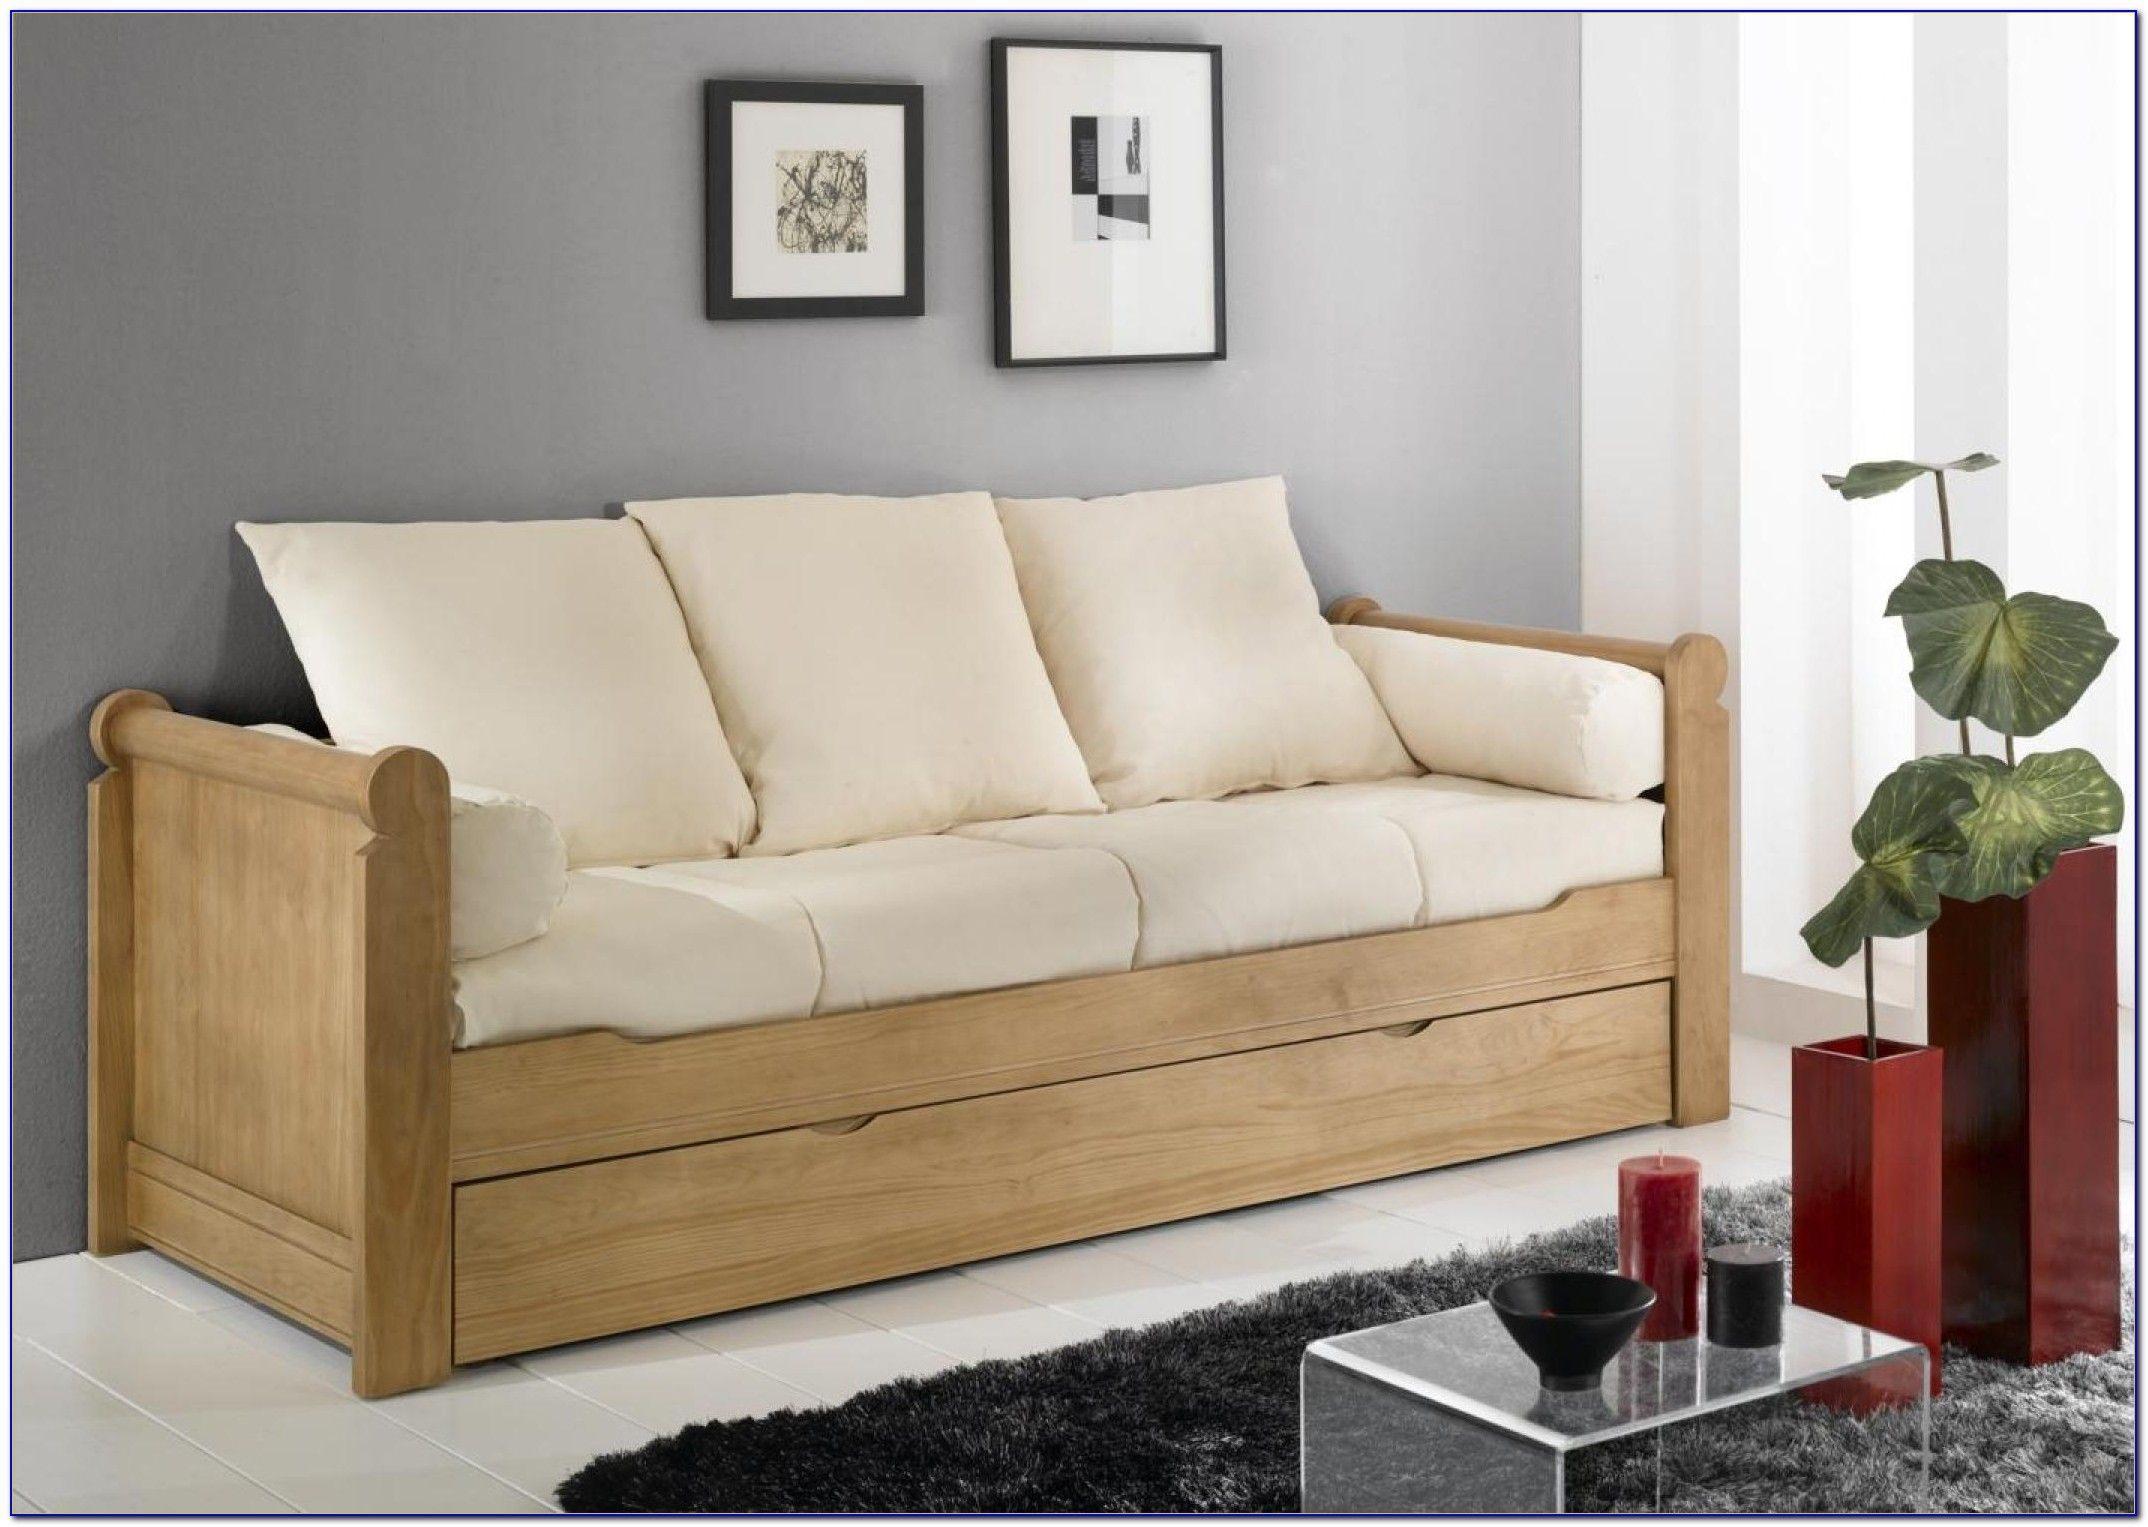 Lit Superposé Maison Du Monde Unique Joli Lit Superposé Canapé Dans Luxury Canapé Lit Matelas